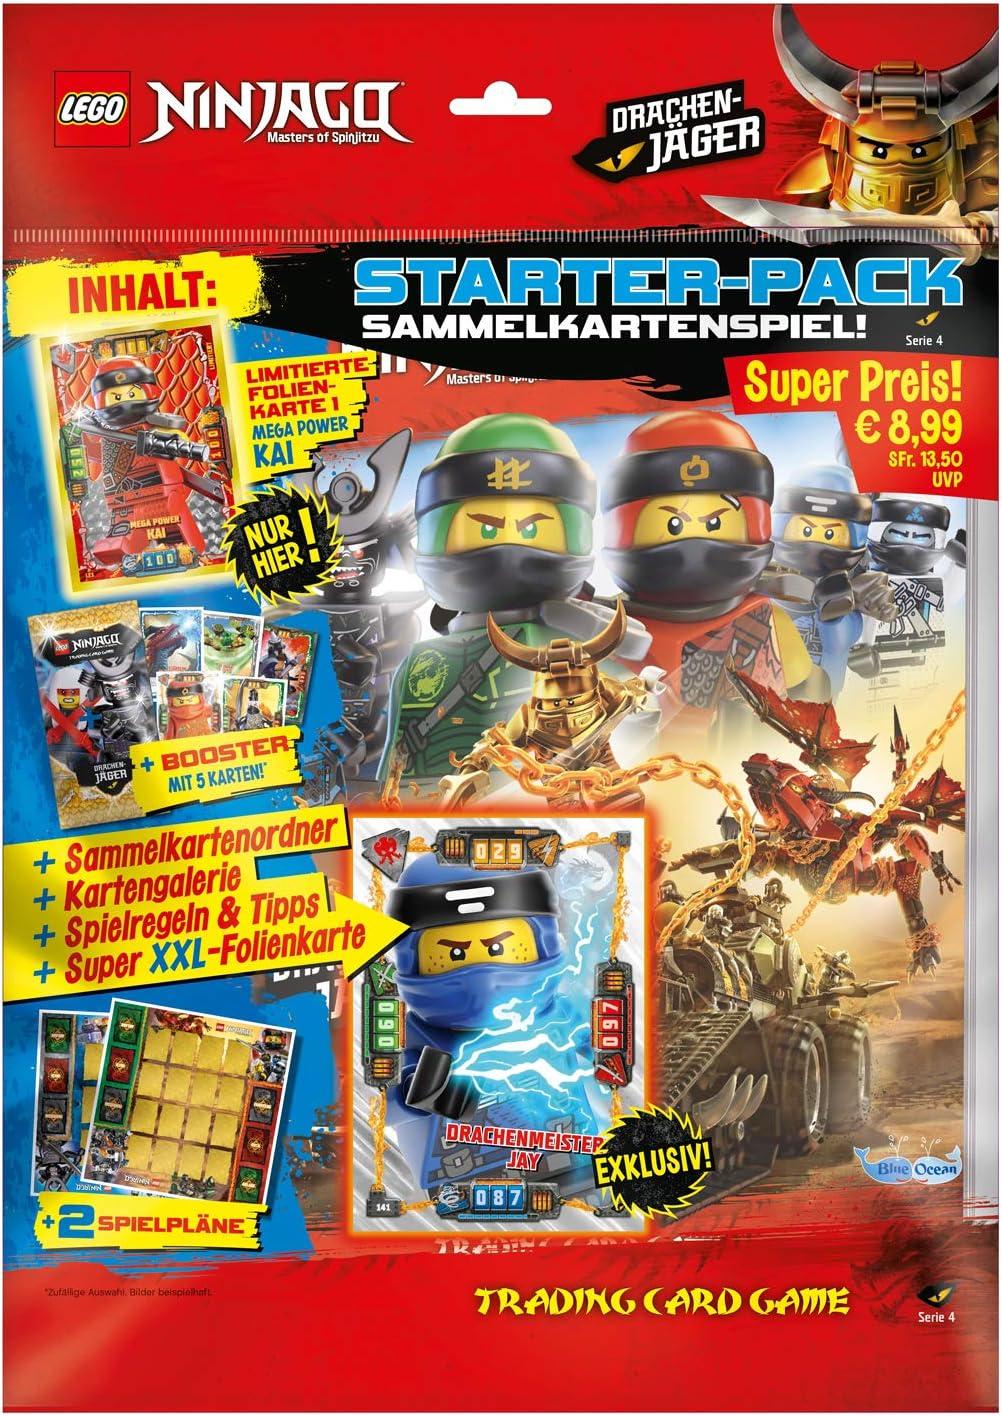 Blue Ocean LEGO ® Ninjago série 3//Pack de démarrage Classeur Game cartes dossier